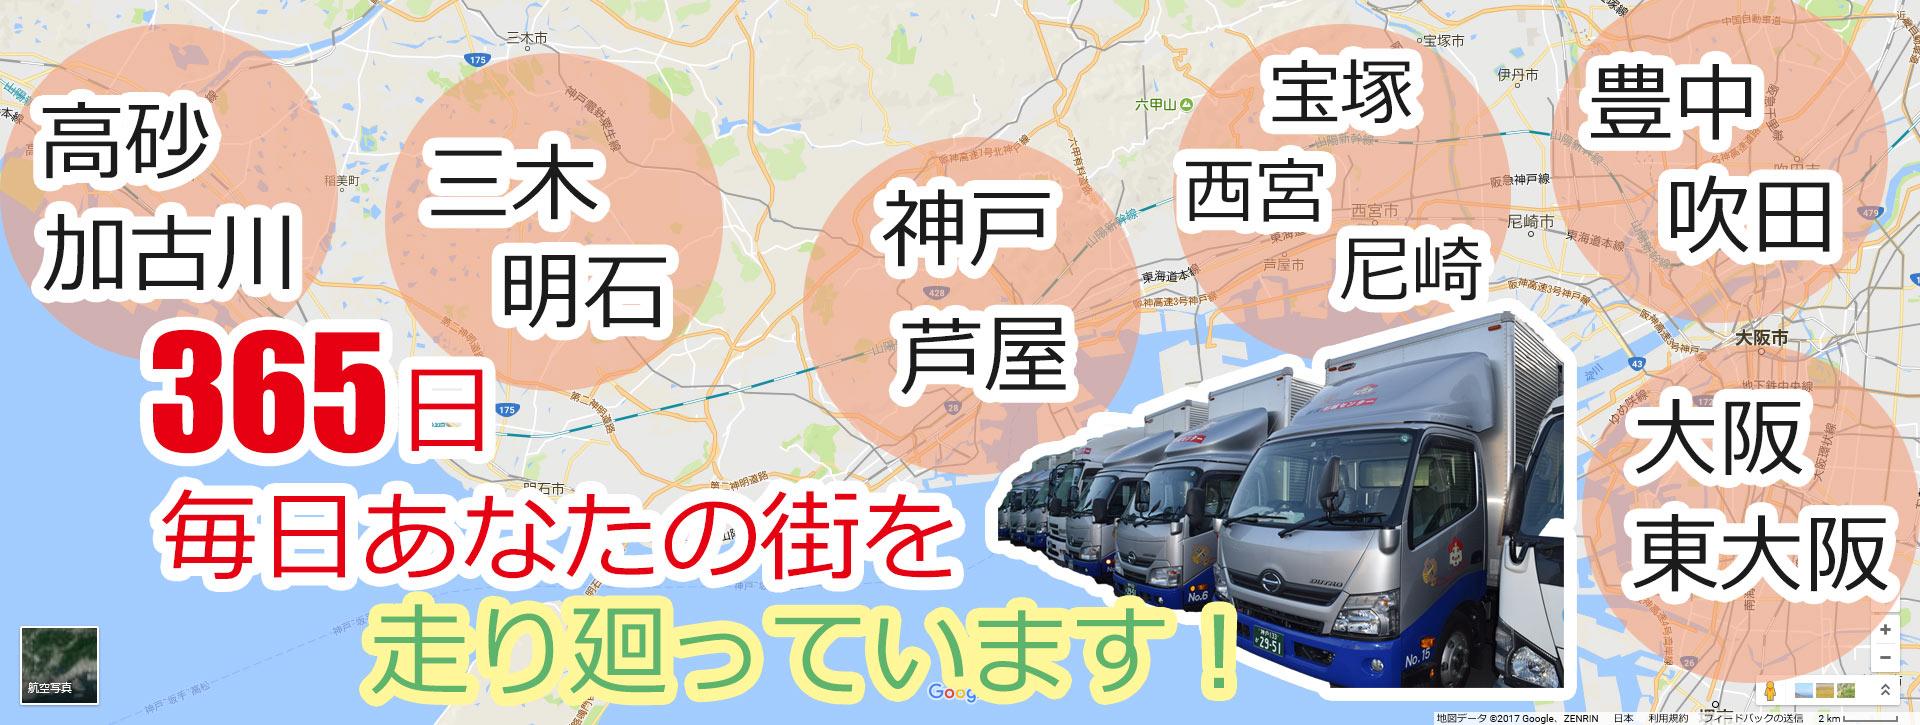 ゴミ 回収 大阪